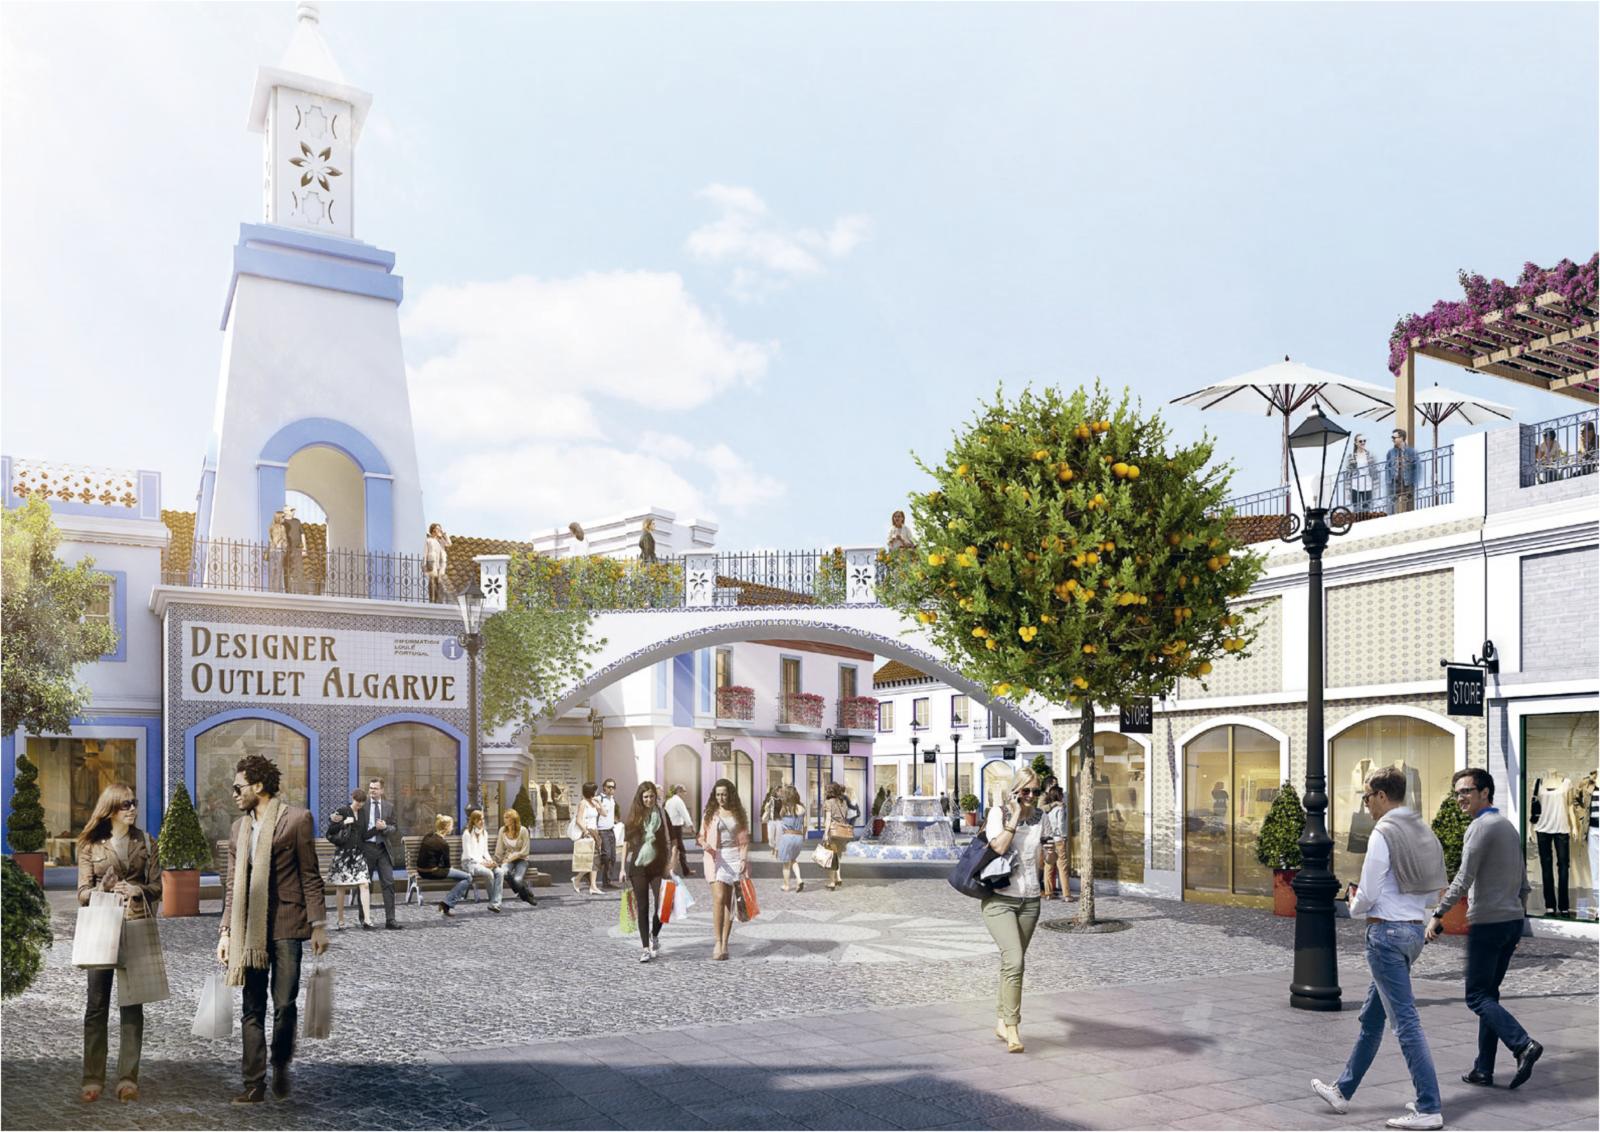 44d9dbc6d98ce3 Designer Outlet Algarve abre ao público a 23 de Novembro - Construir ...